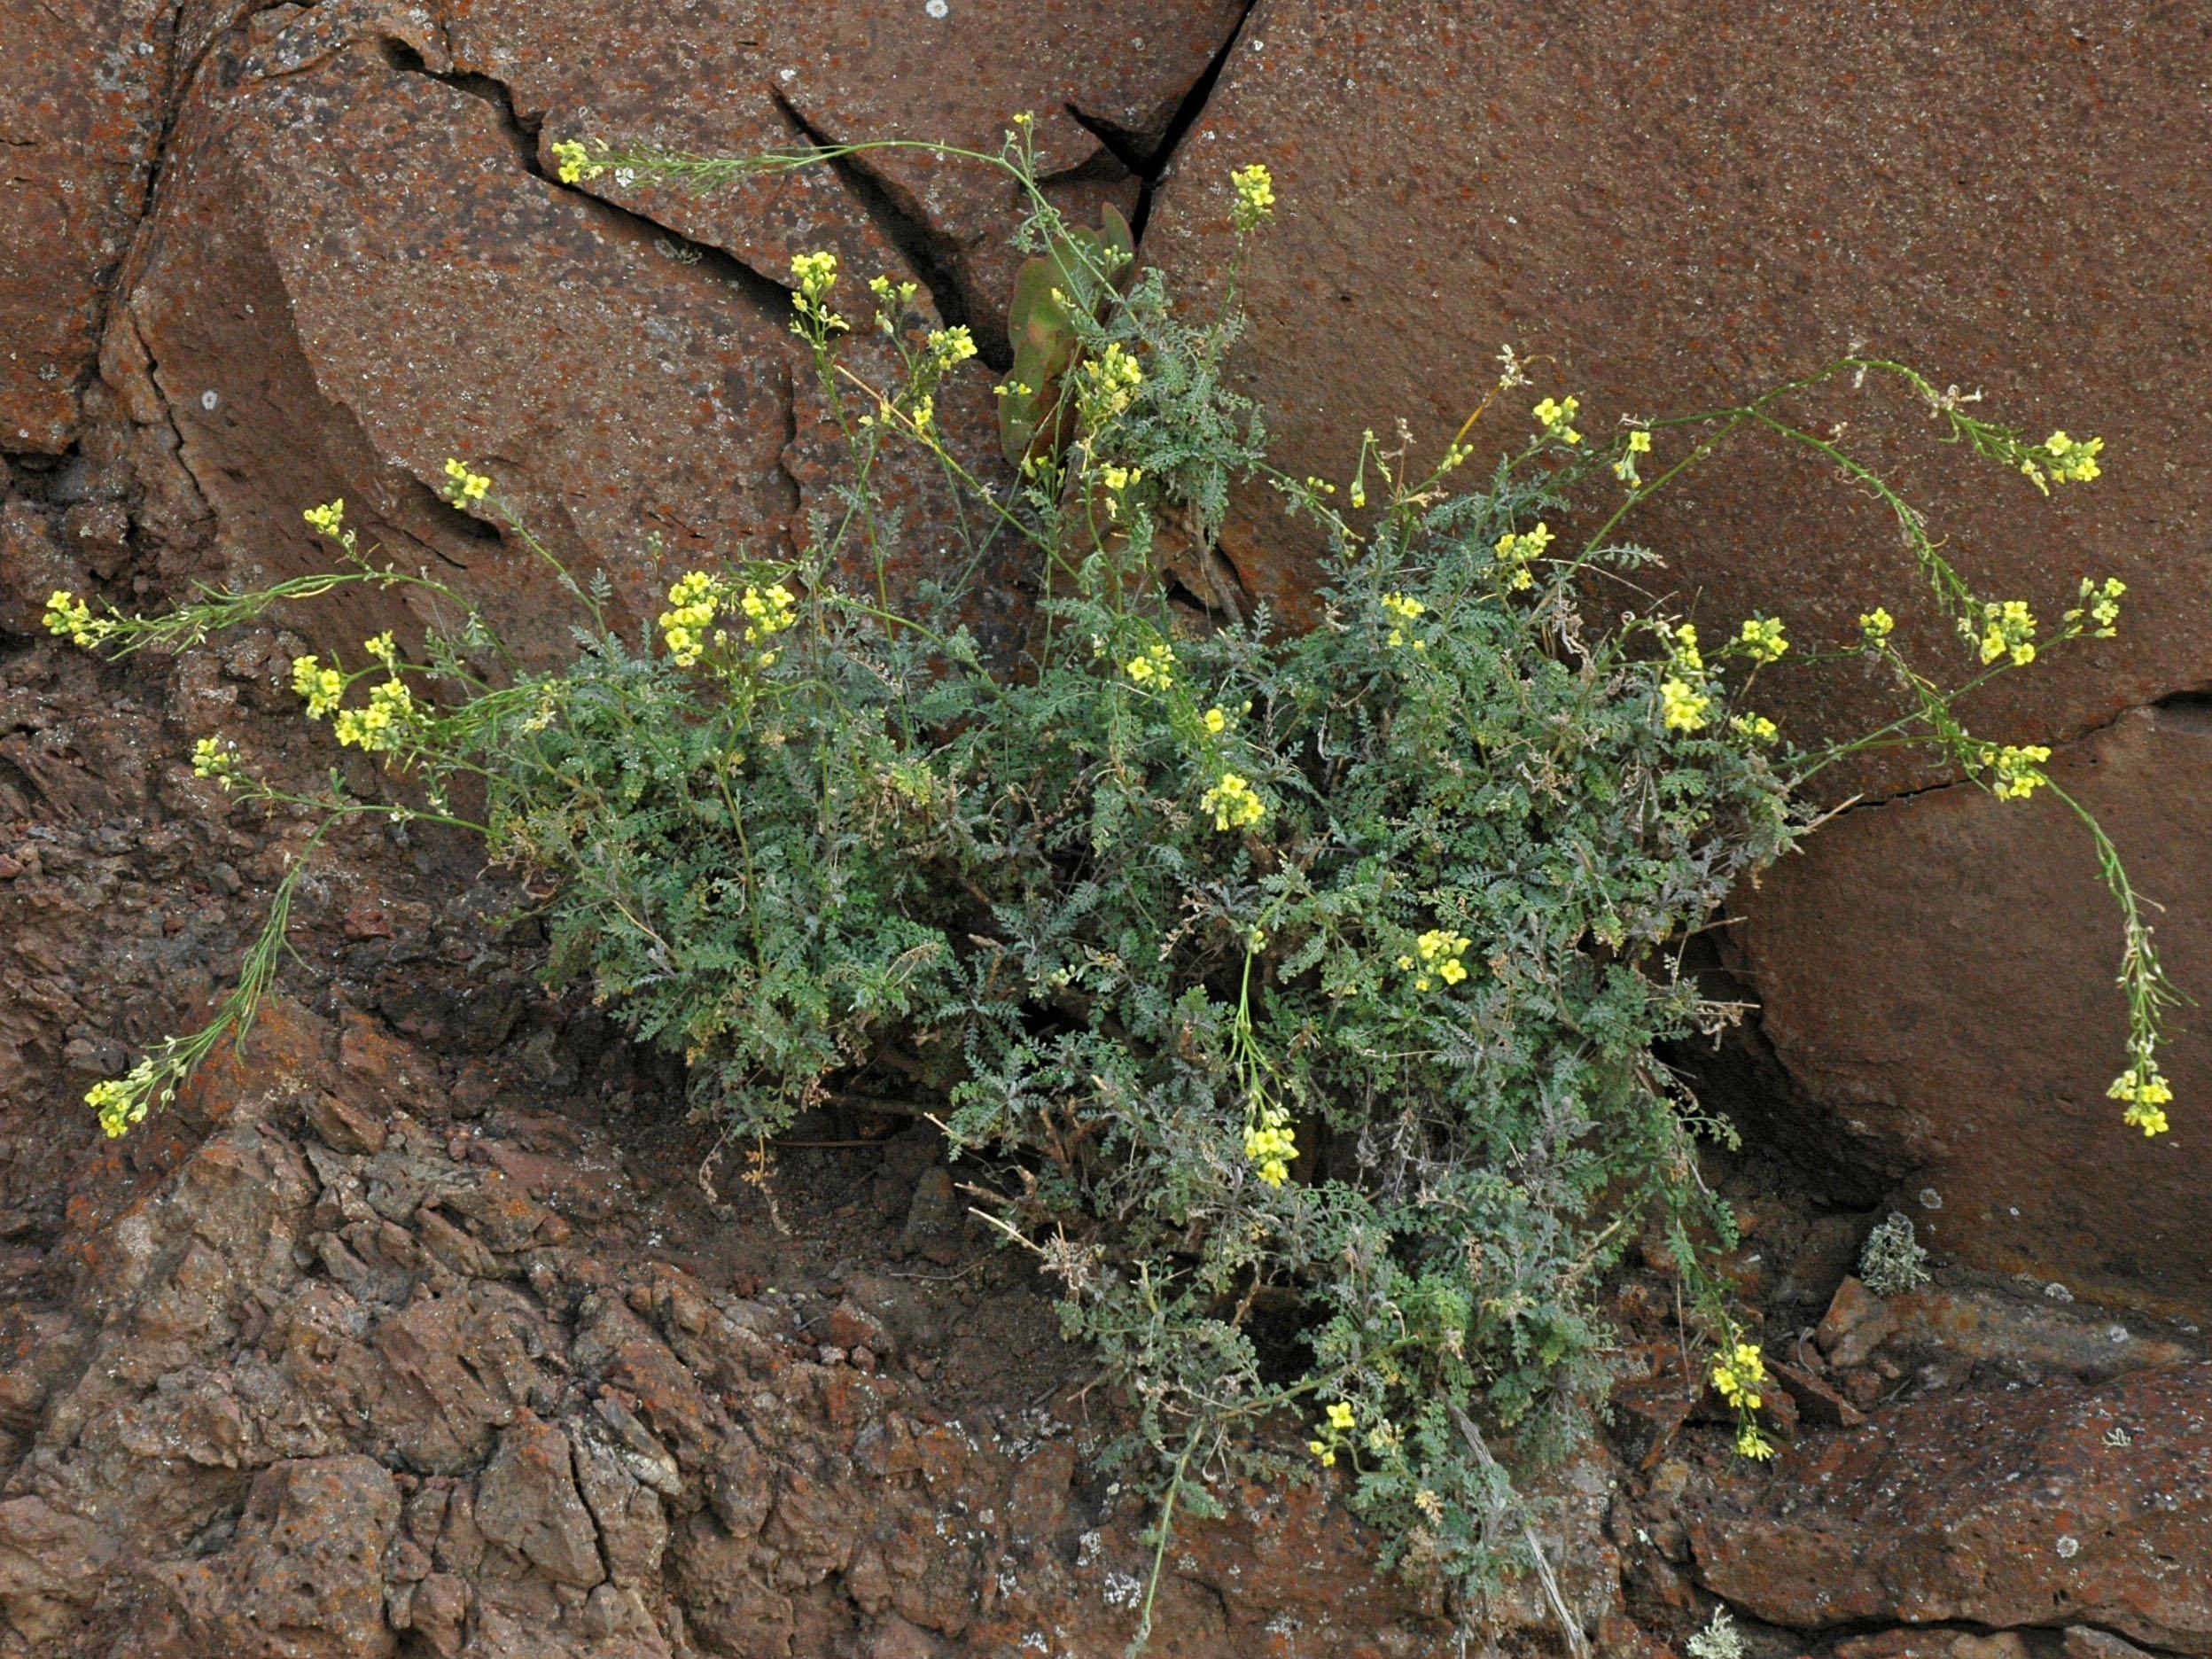 Descurainia millefolium